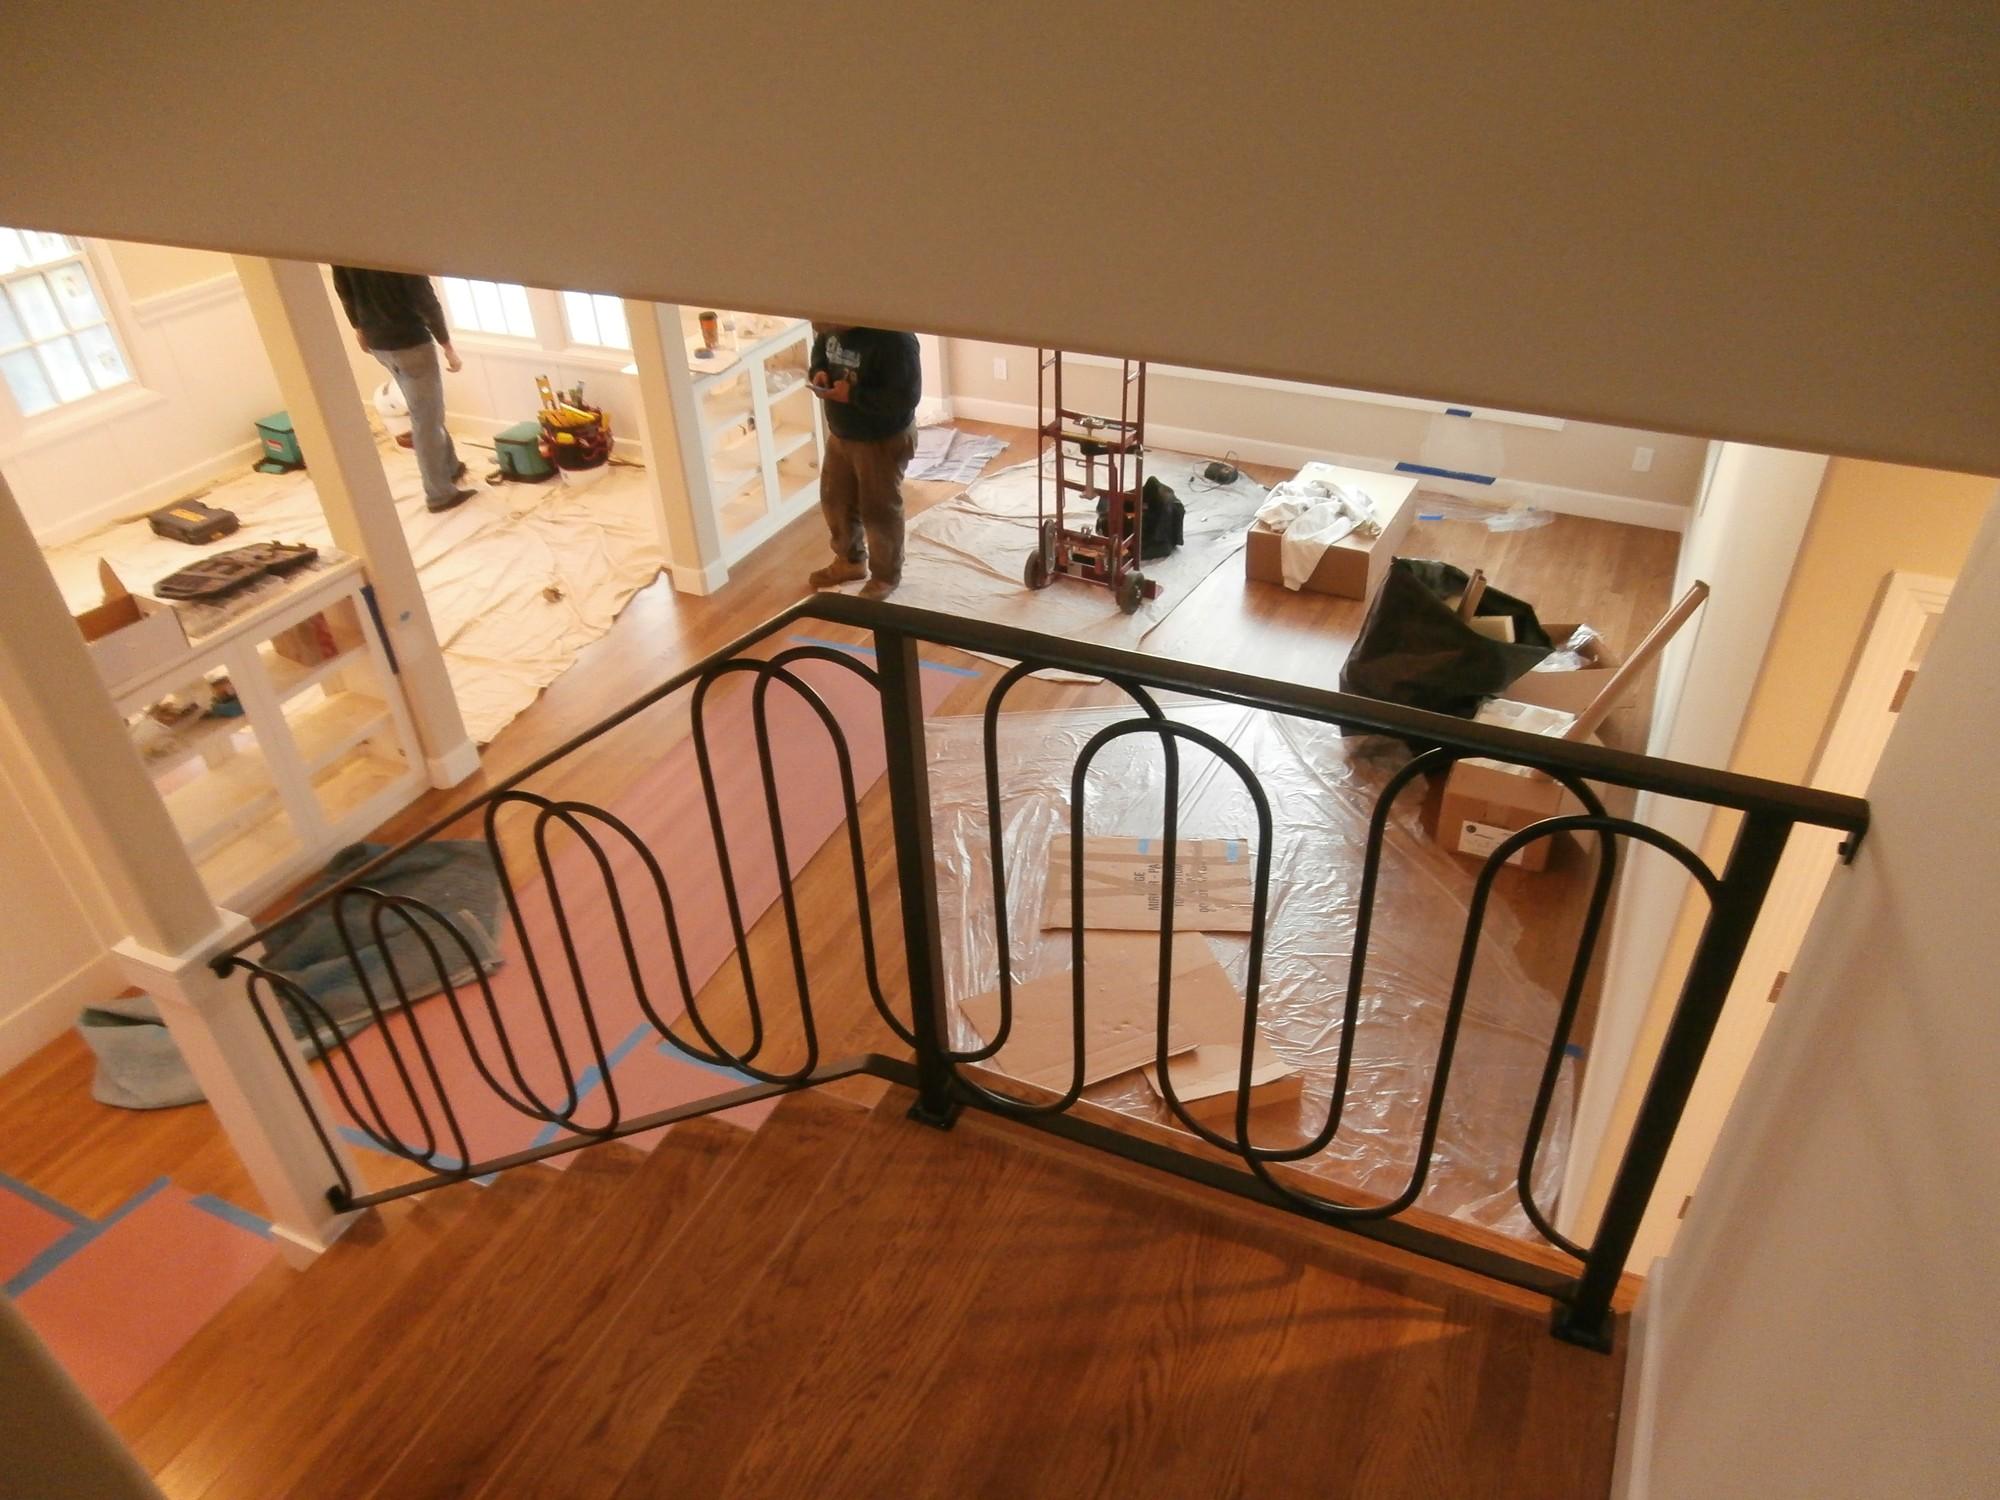 Railing   Interior   #2